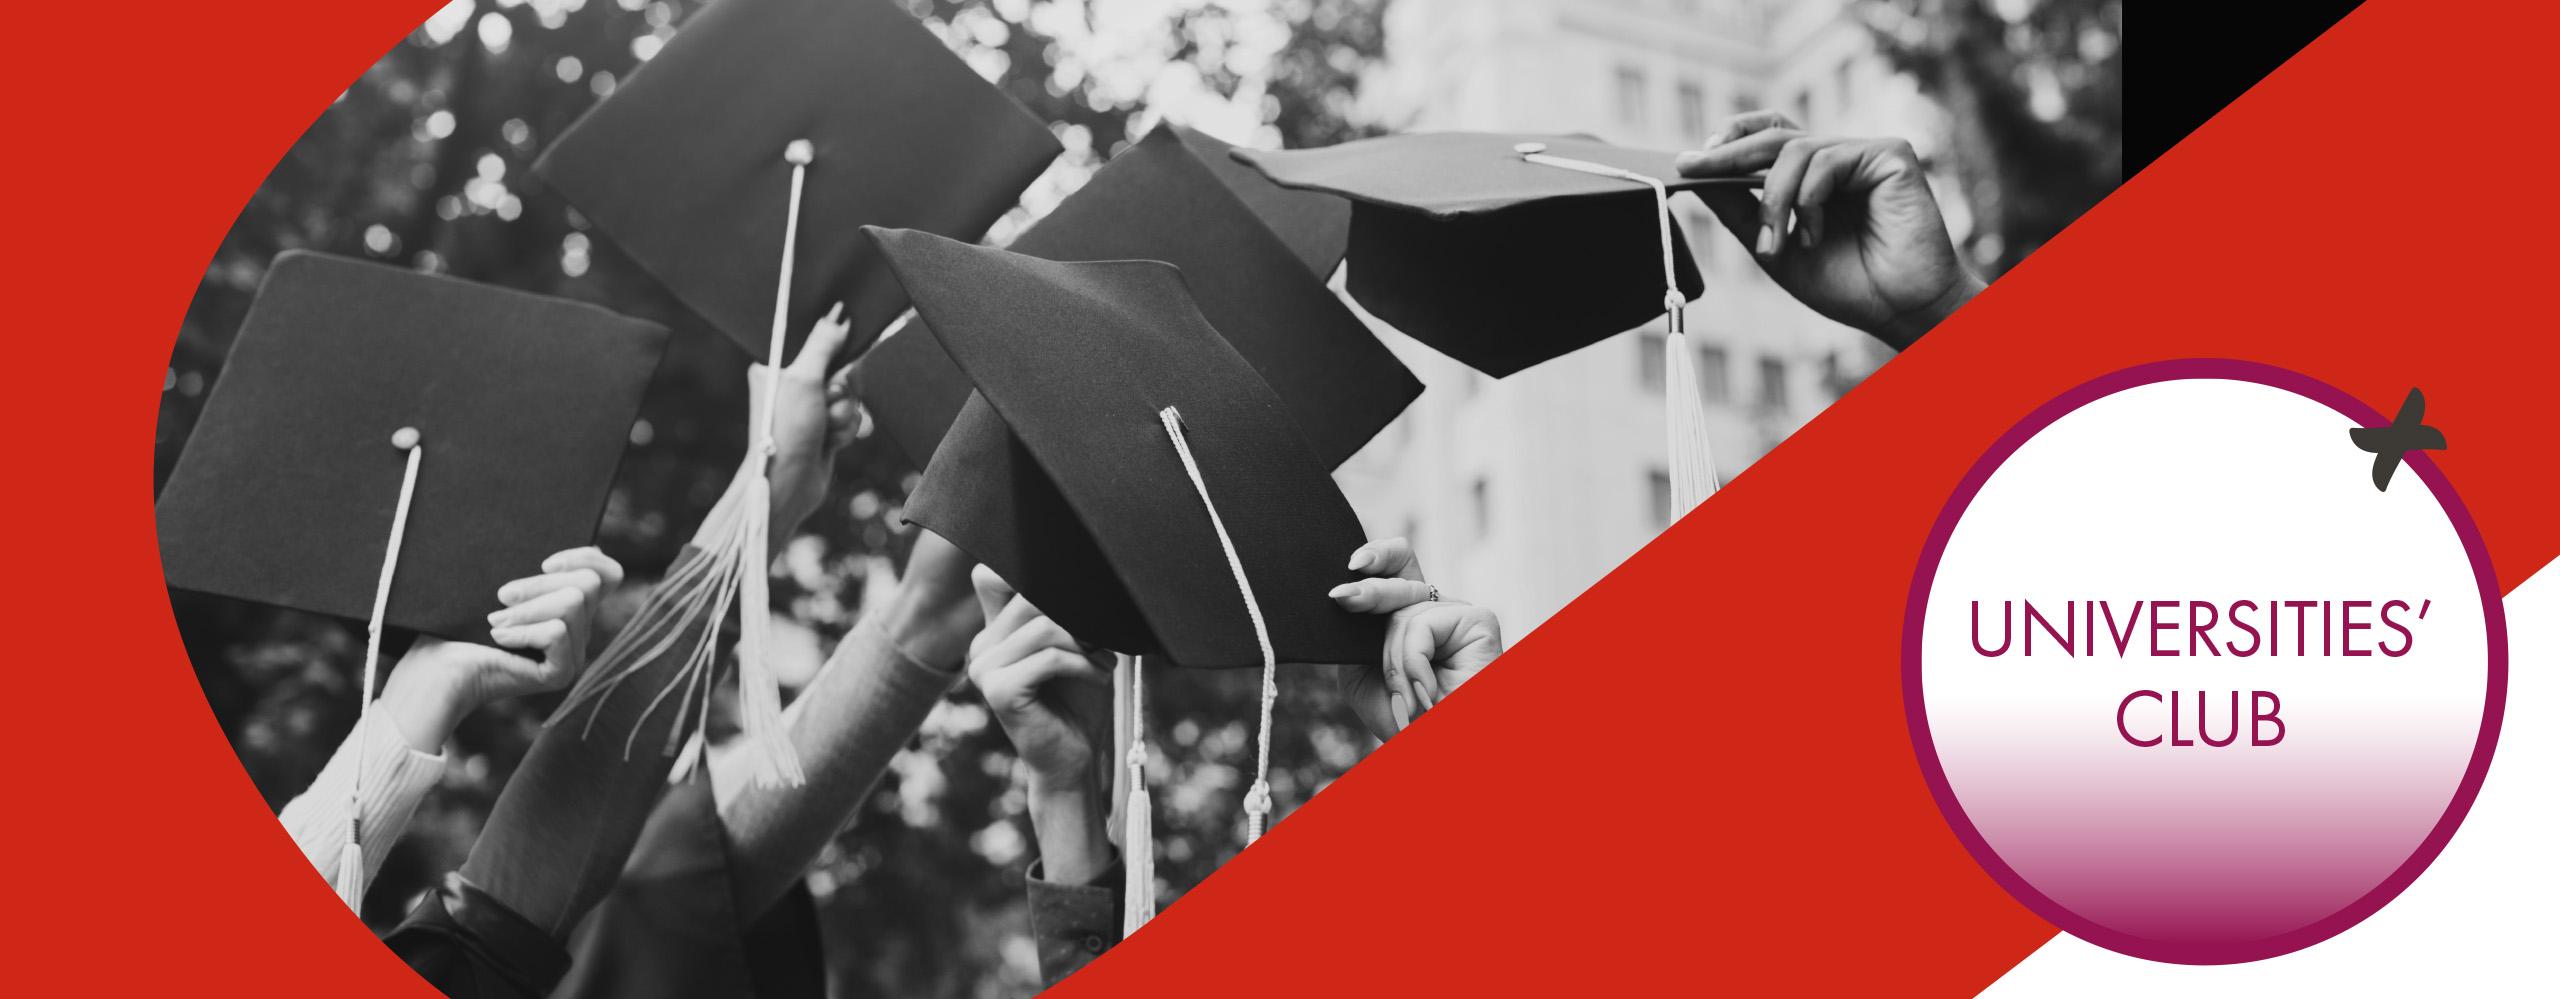 Universities Club Hero Banner